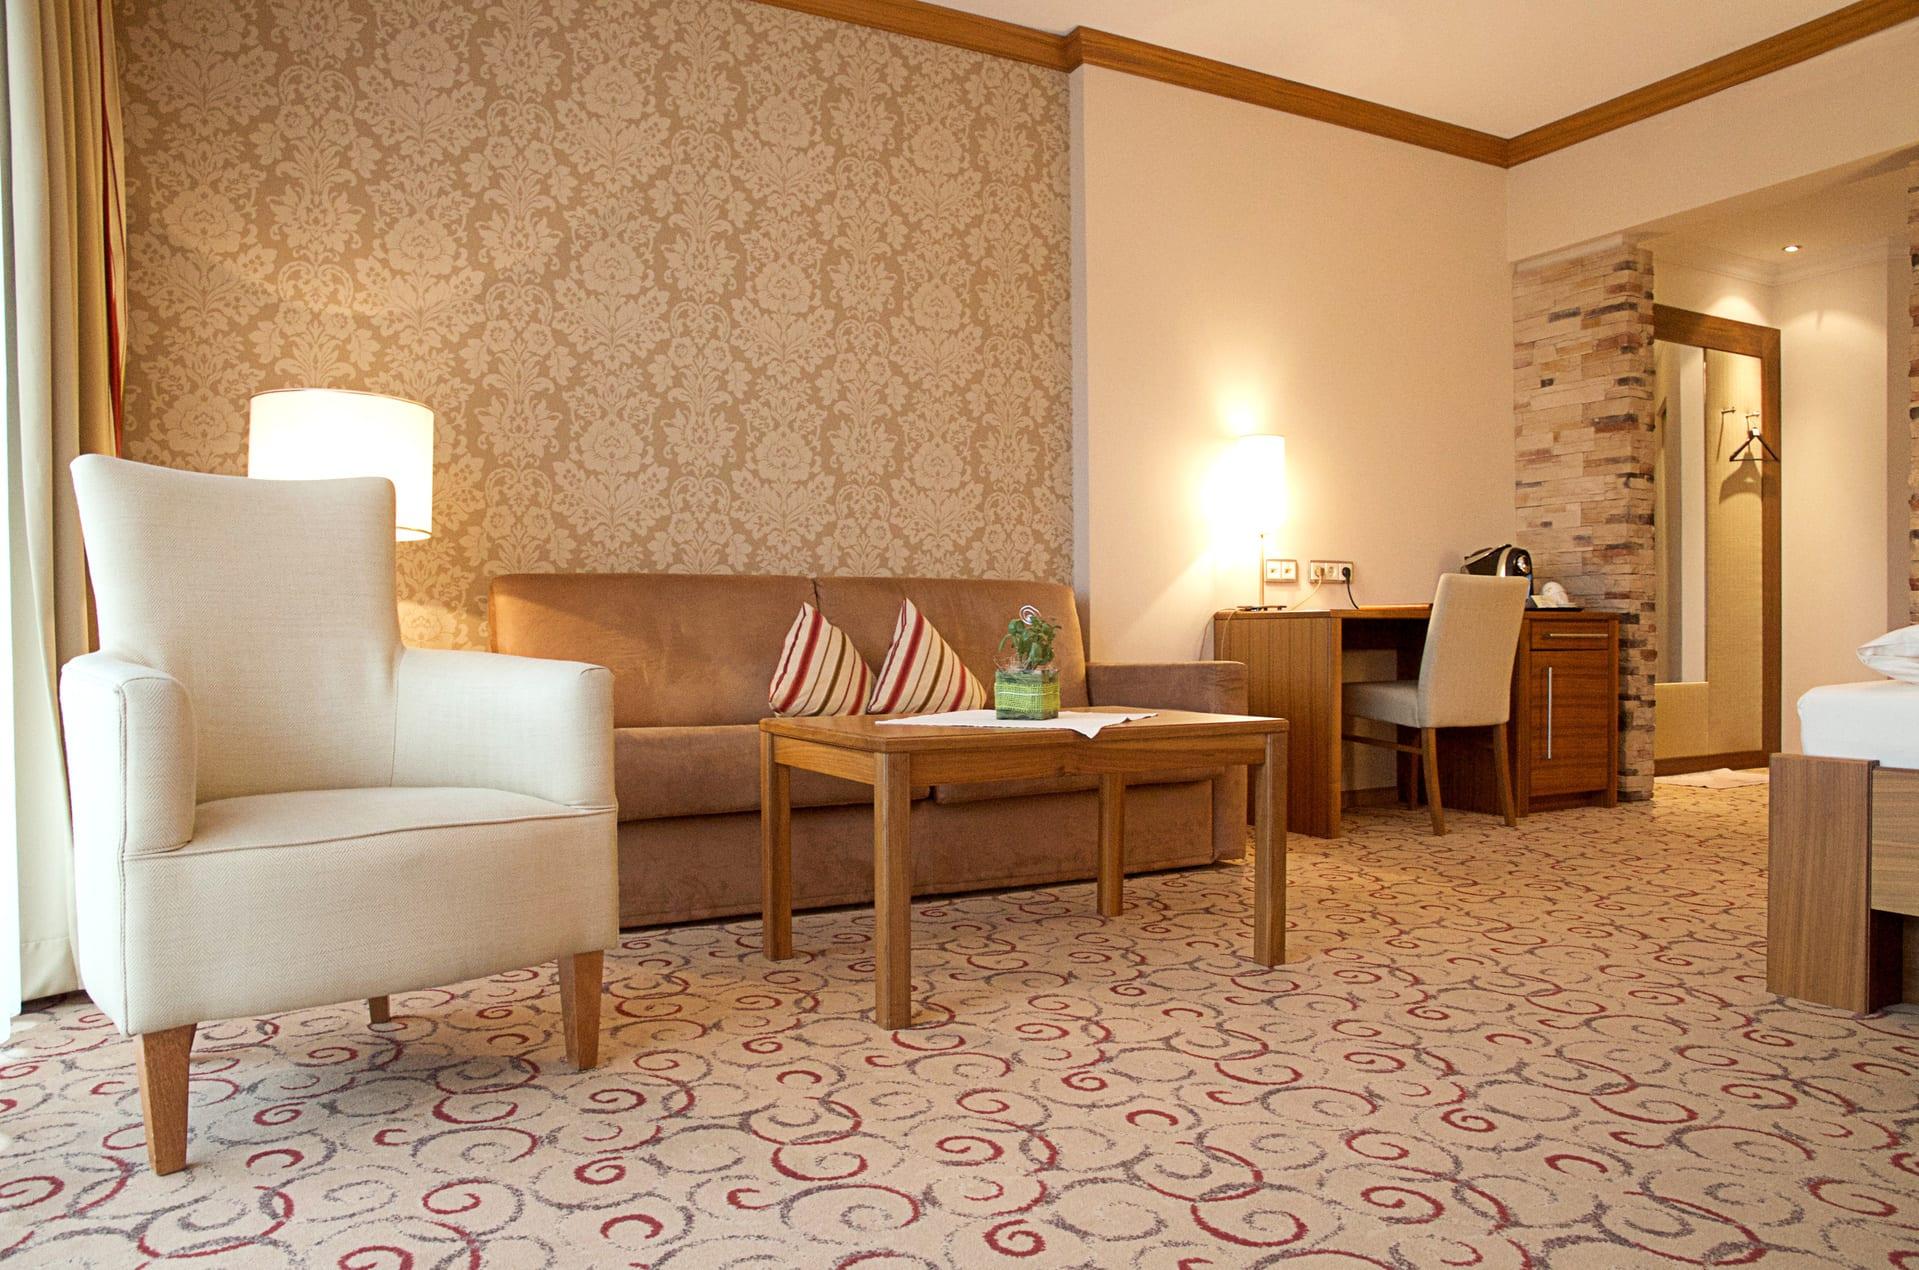 Suiten Wellnesshotel Bodenmais Bayerischer Wald Wellnesshotels Bayern